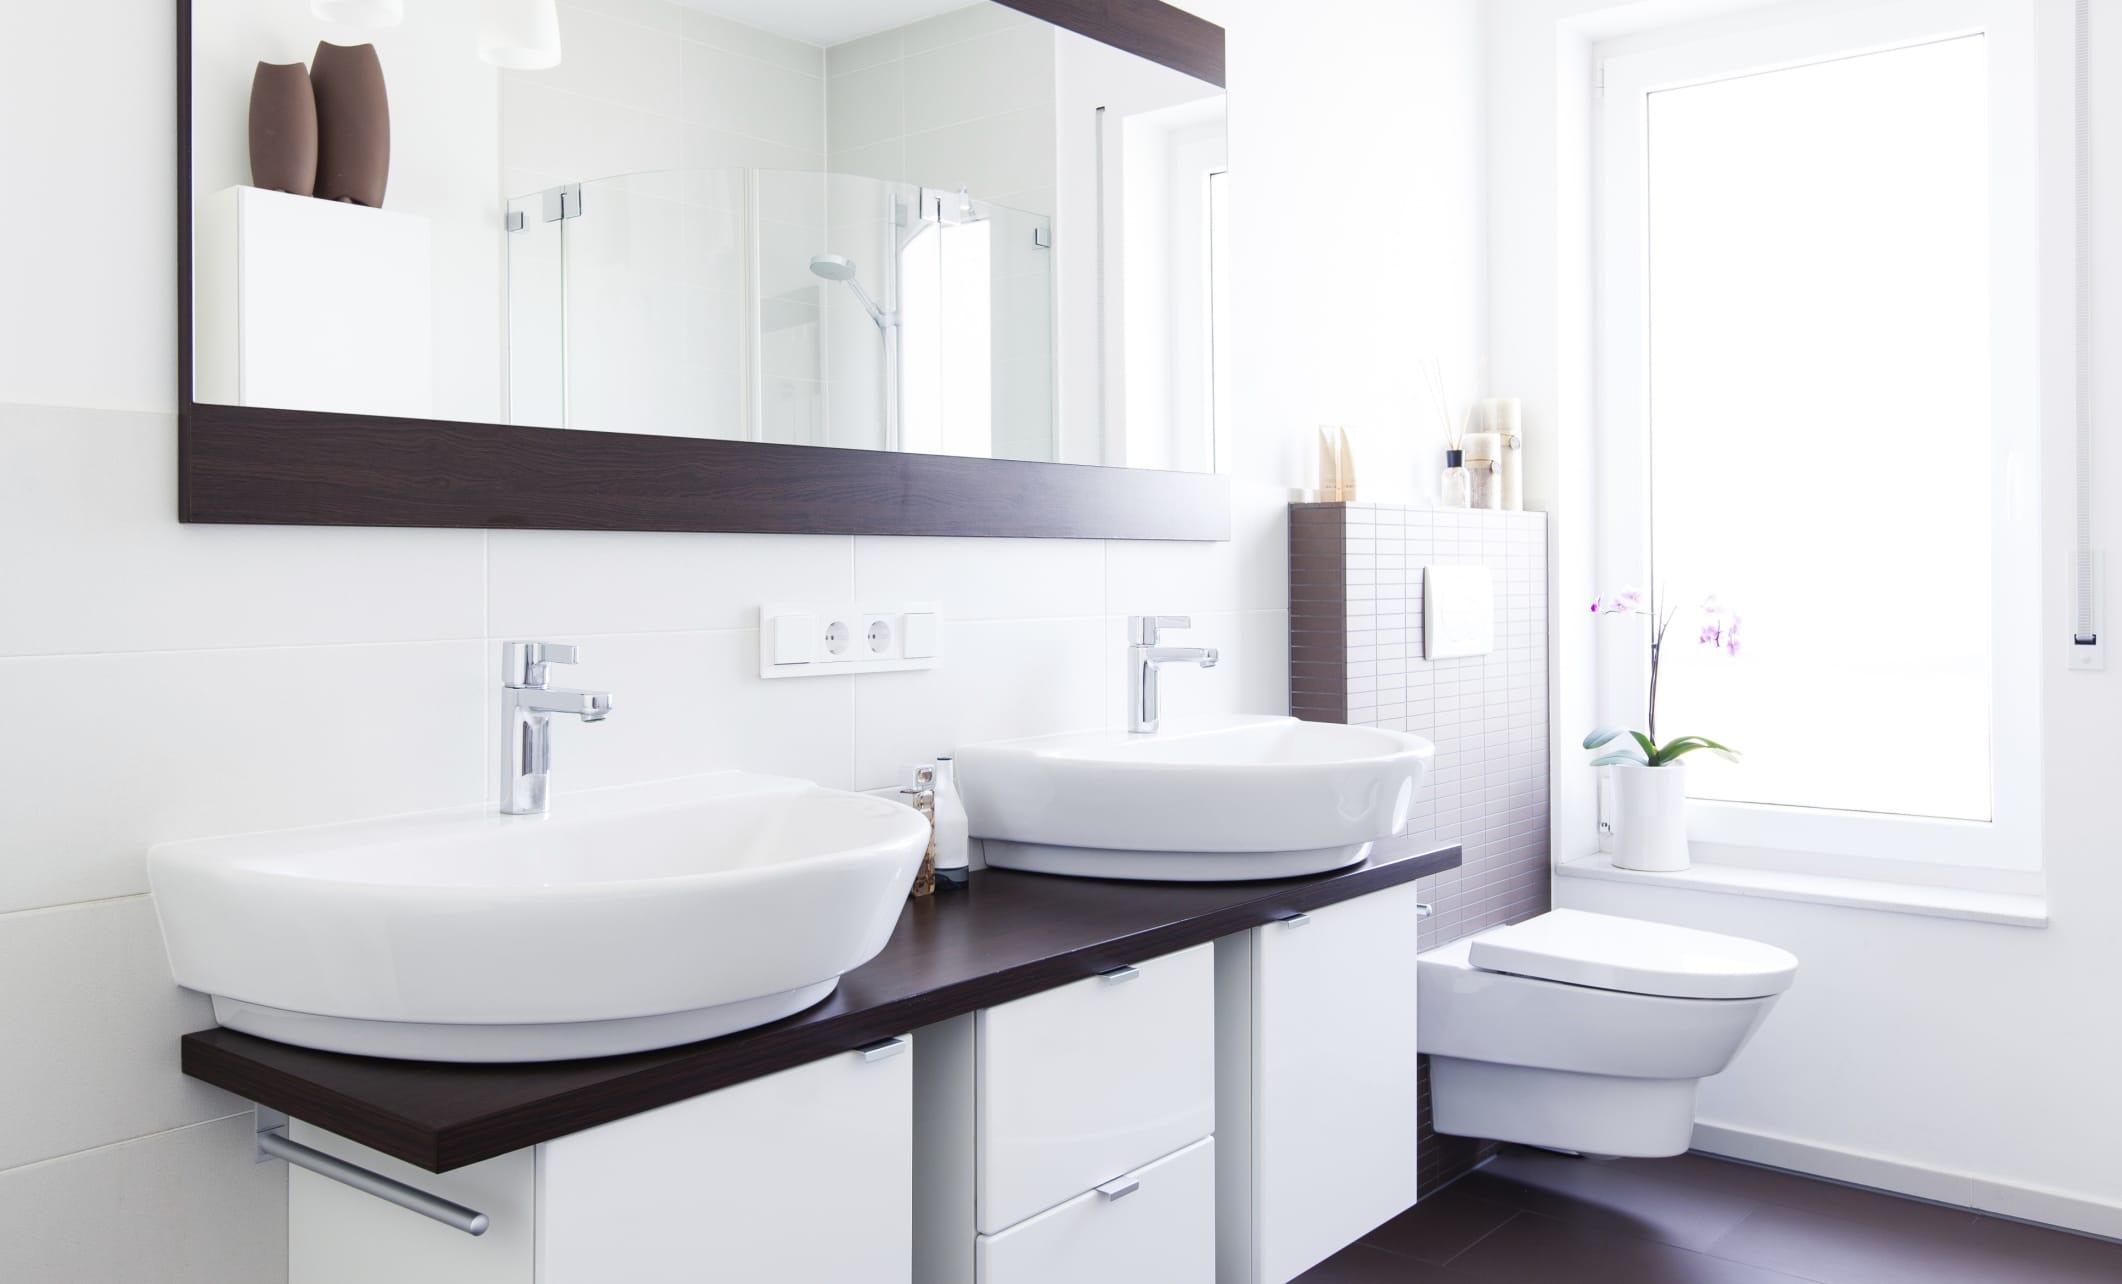 Bagno 2 X 2 come ristrutturare il bagno in maniera ecosostenibile - non